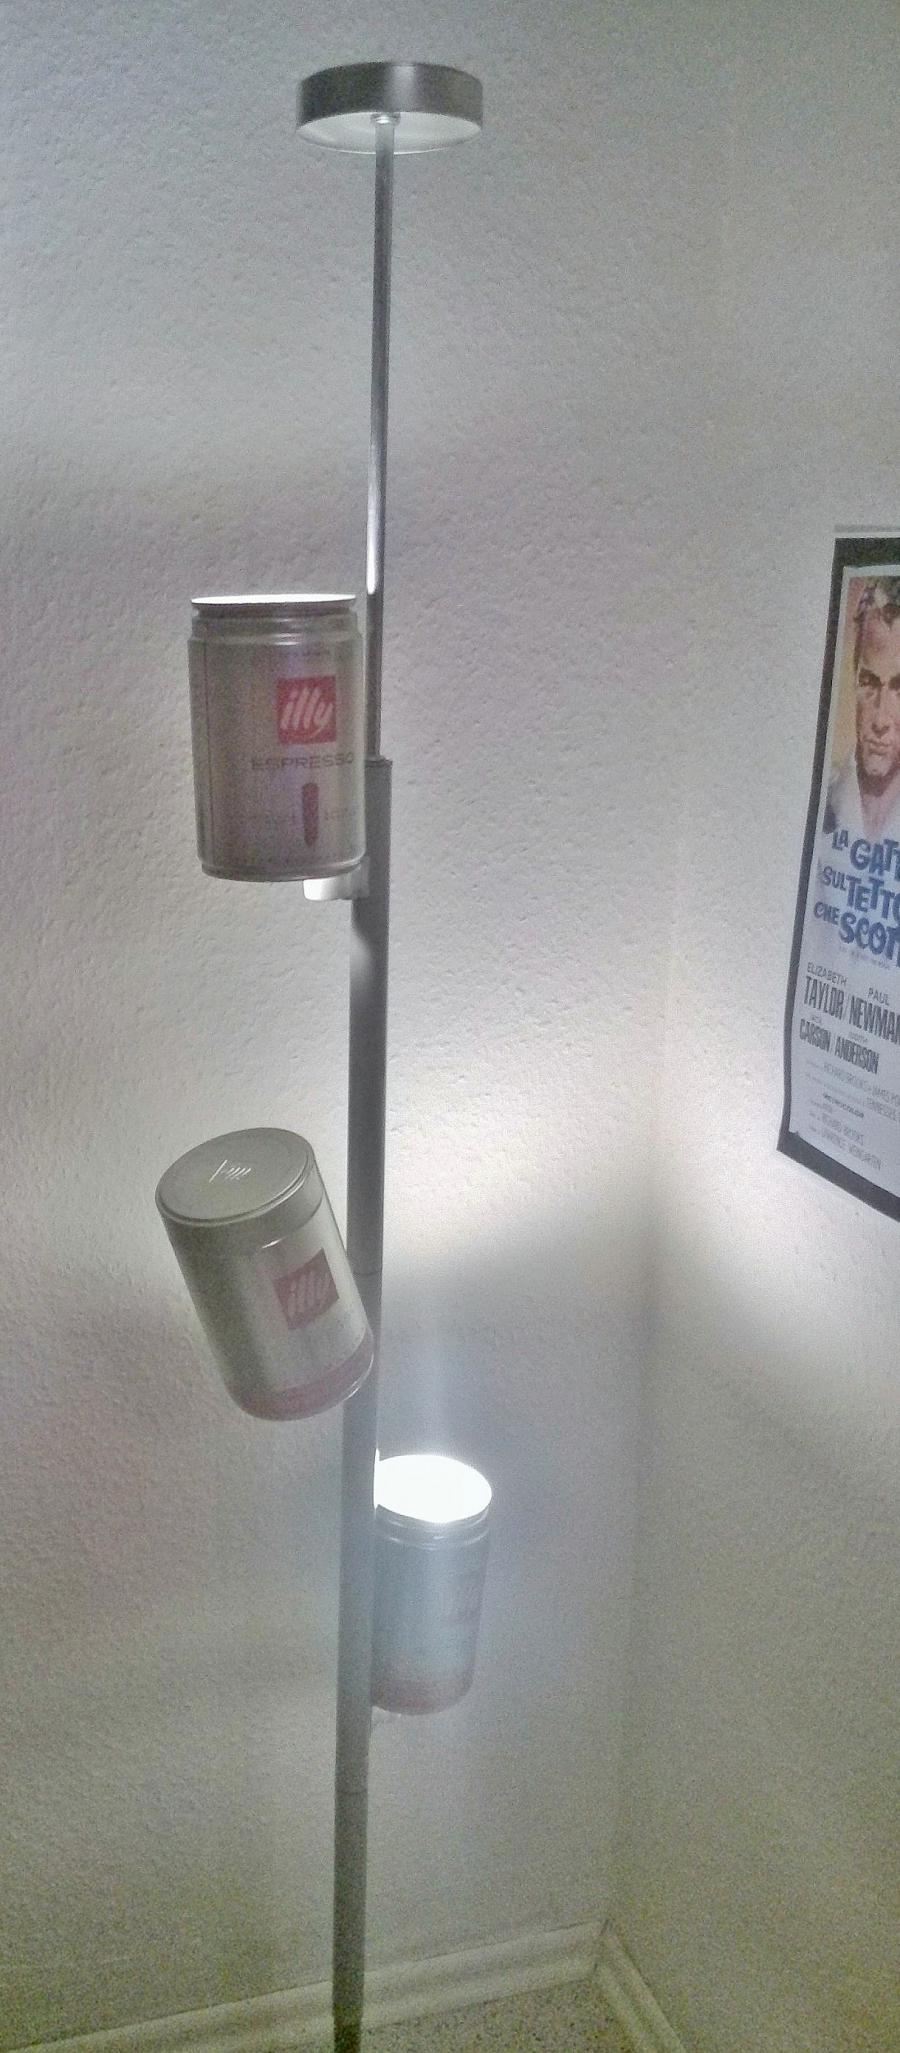 Full Size of Ikea Stehlampen Stehlampe Neu Gestalten Frag Mutti Küche Kosten Modulküche Wohnzimmer Sofa Mit Schlaffunktion Miniküche Kaufen Betten Bei 160x200 Wohnzimmer Ikea Stehlampen